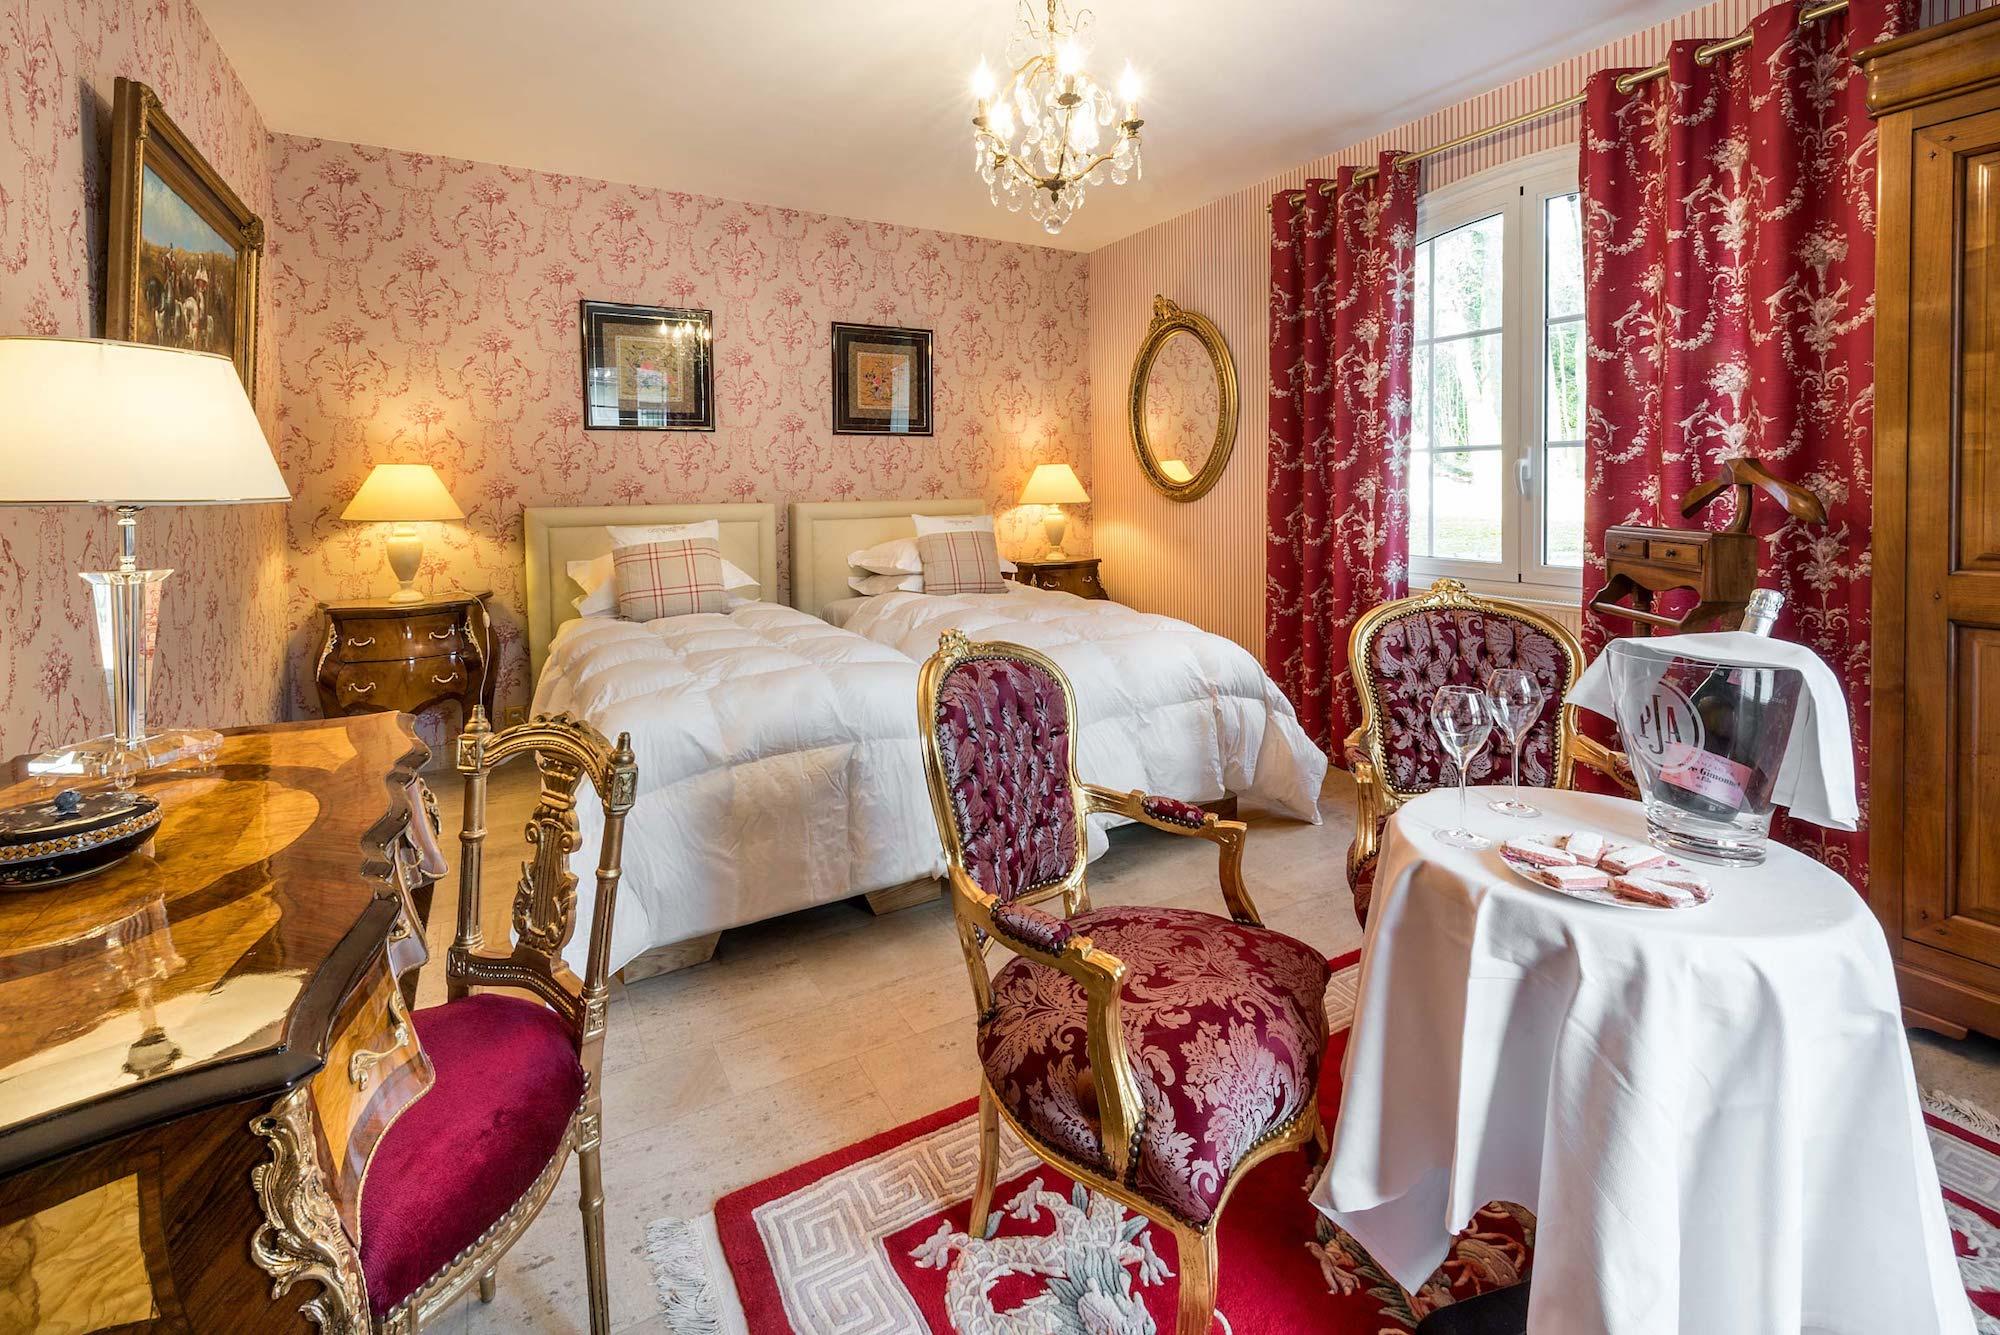 Chambres d 39 h tes et spa sur meaux en seine et marne 77 - Chambre d hote couleur bois et spa ...